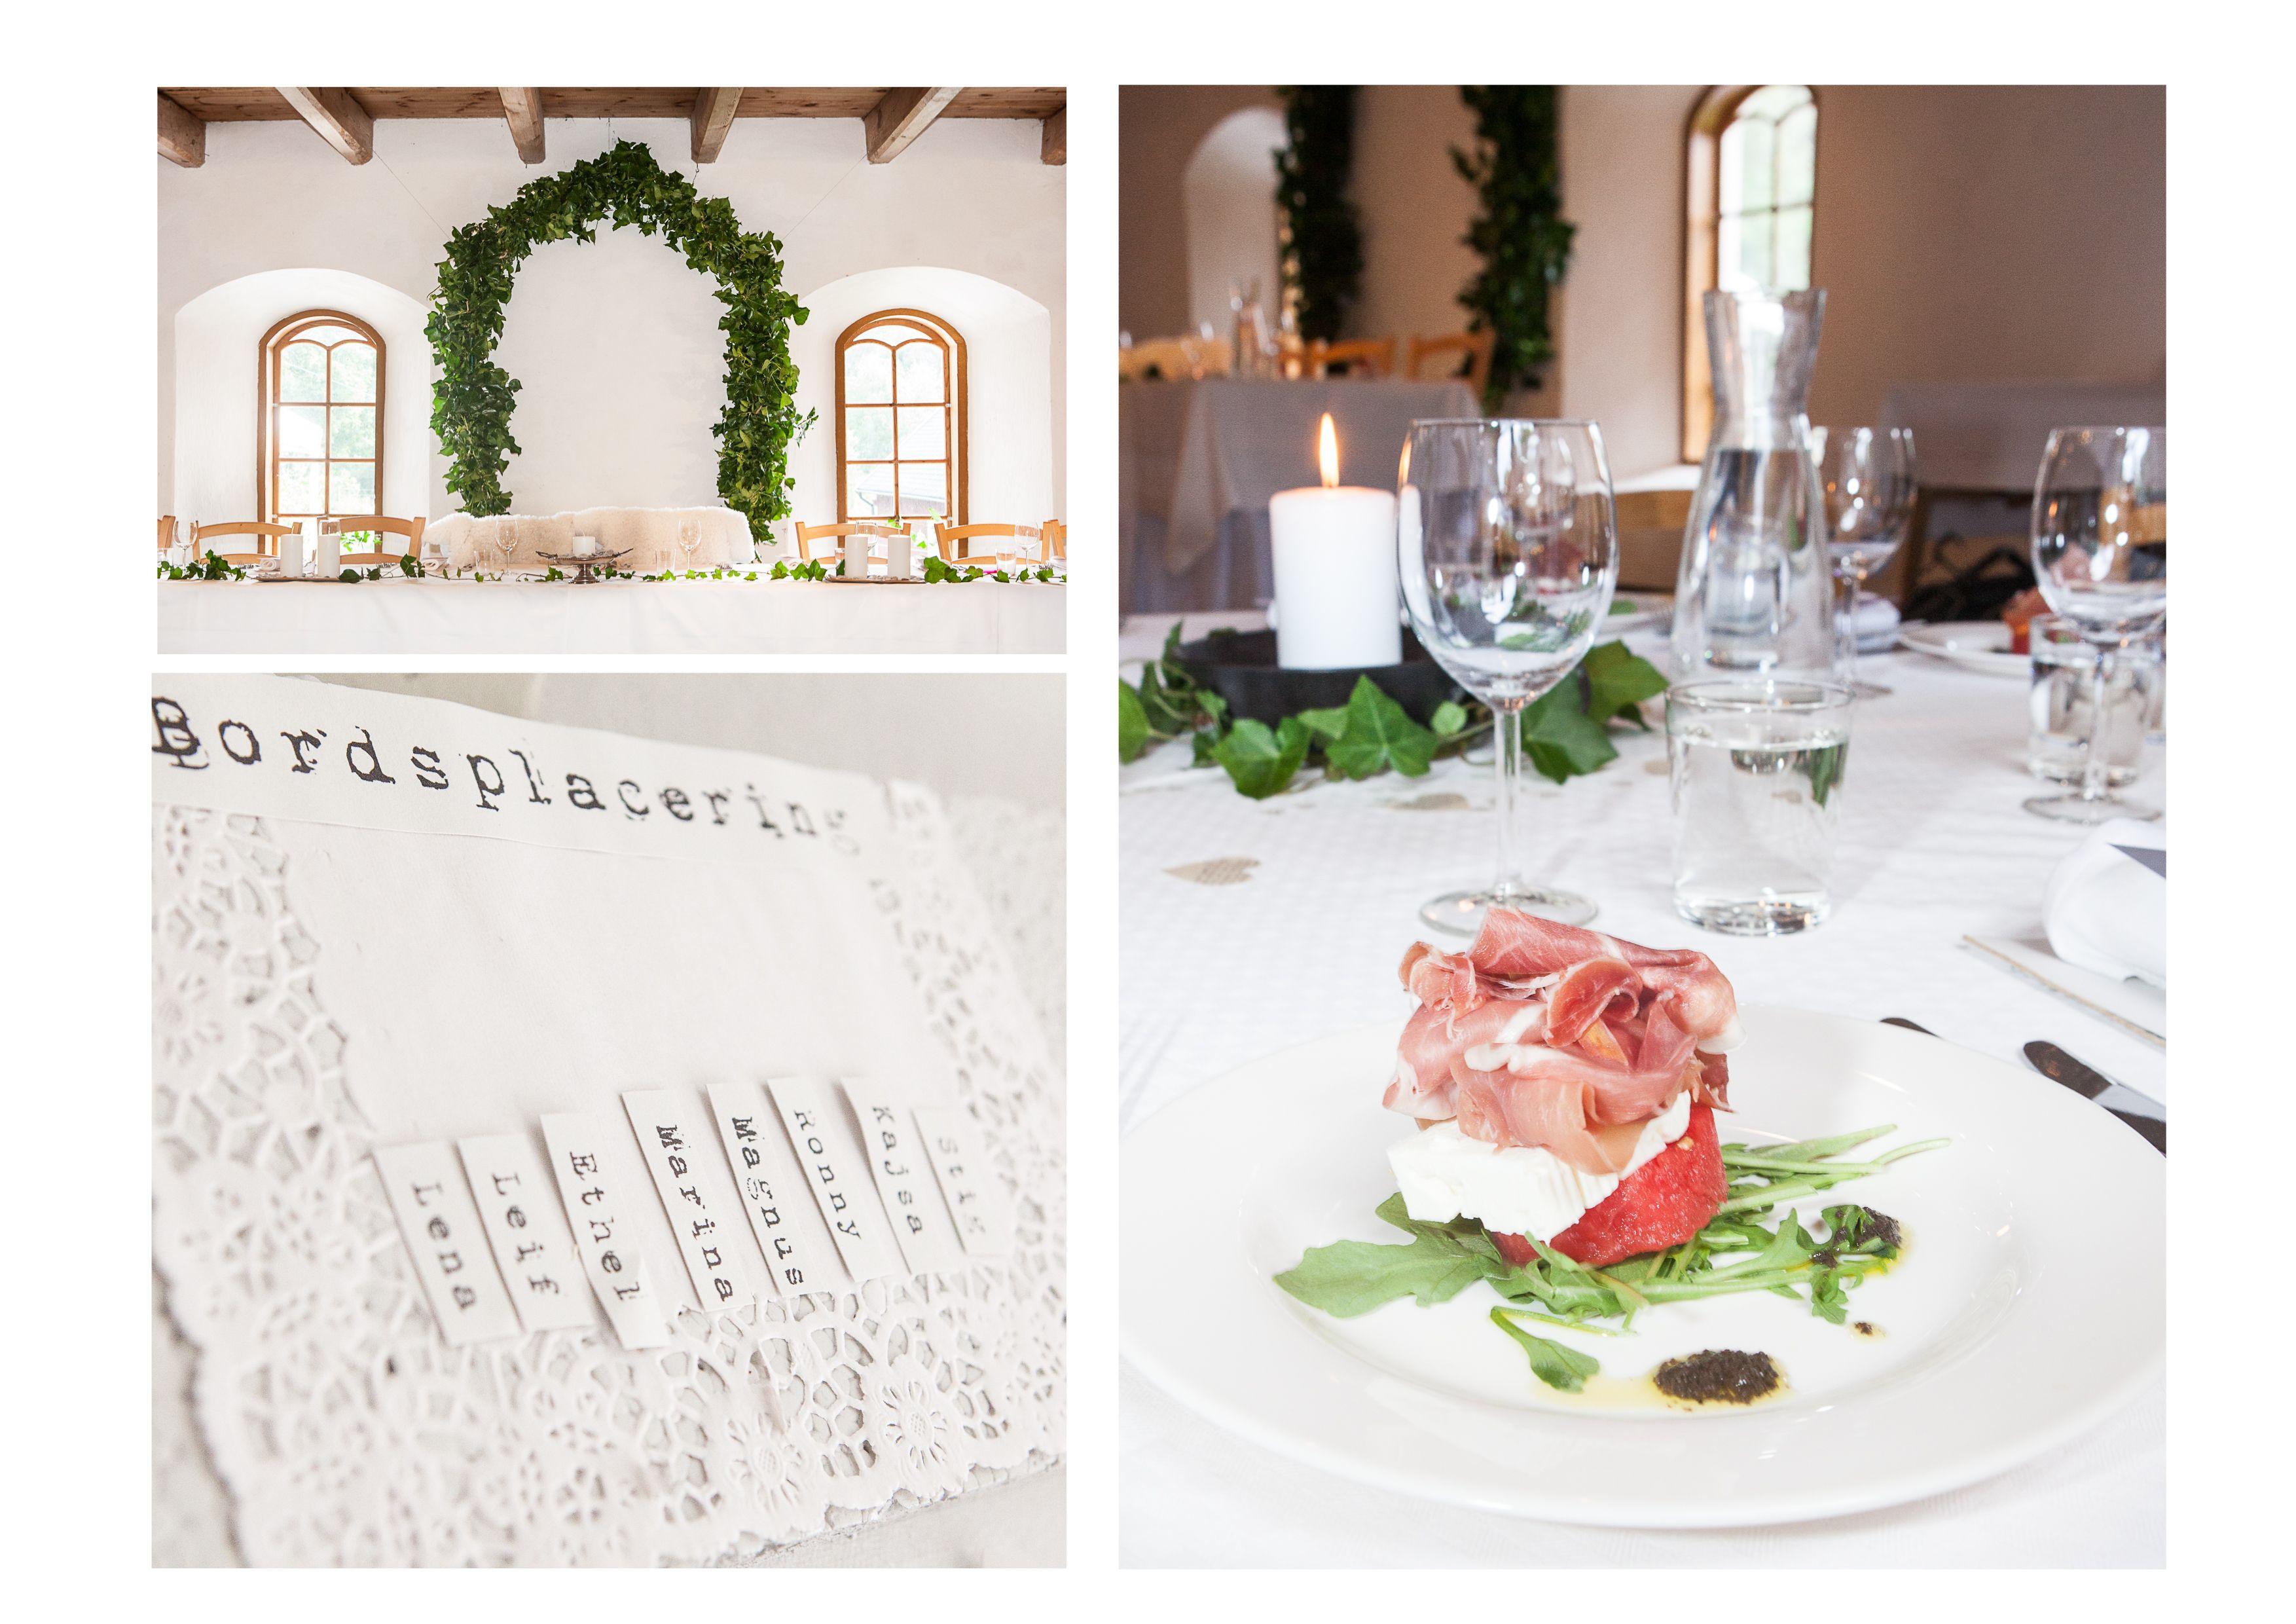 Bildresultat för bordsplacering bröllop